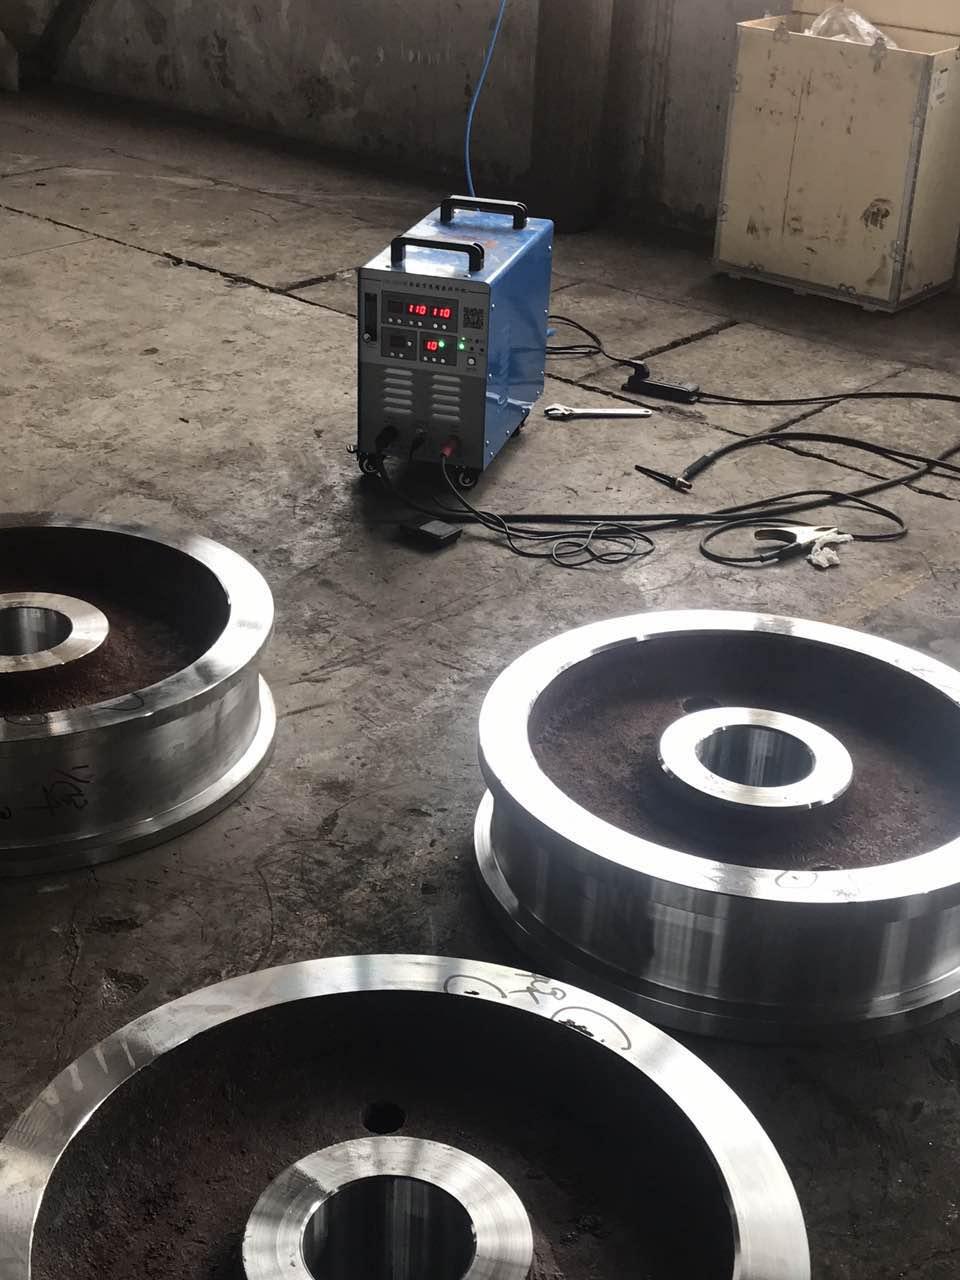 某厂使用我司POC-2510全数字高精密焊补机用于修补机械零部件